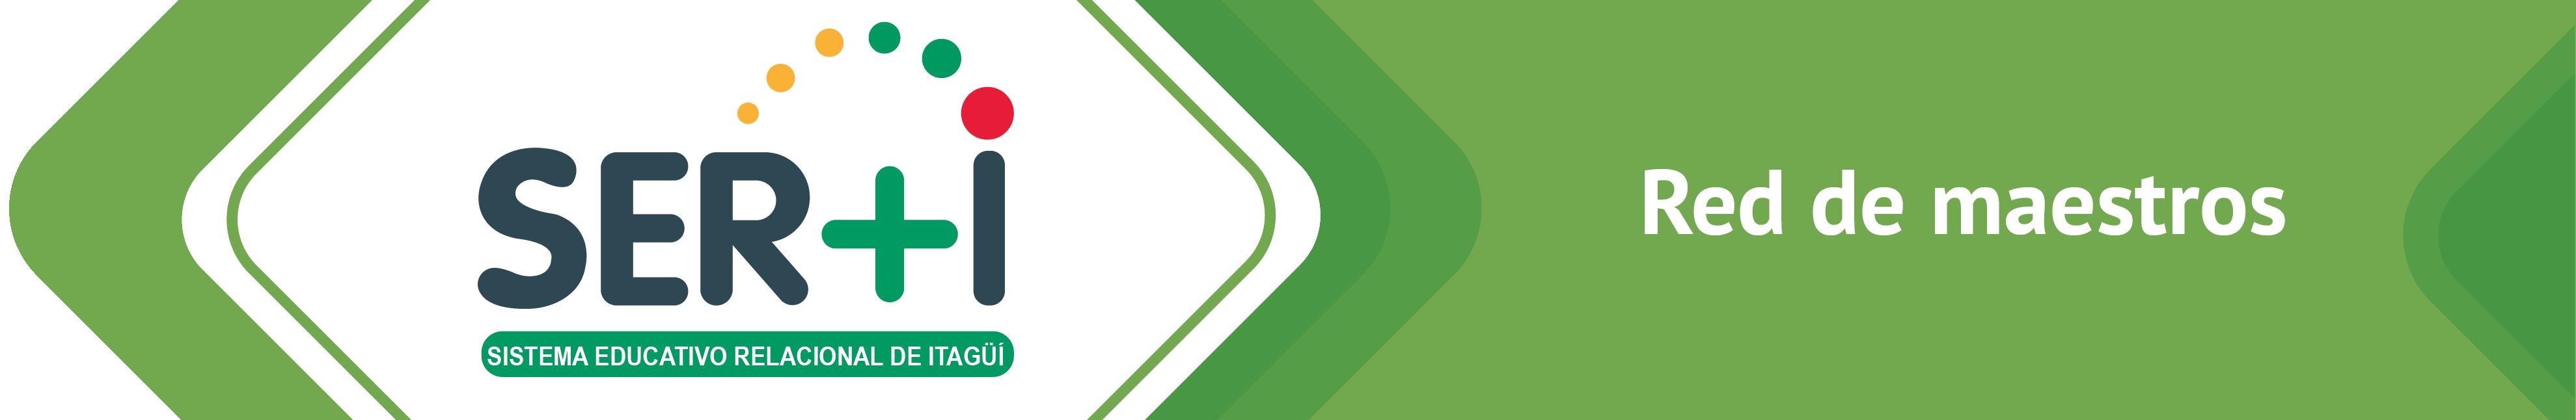 Banner Sistema Educativo Relacional Itagüí (SER+i)